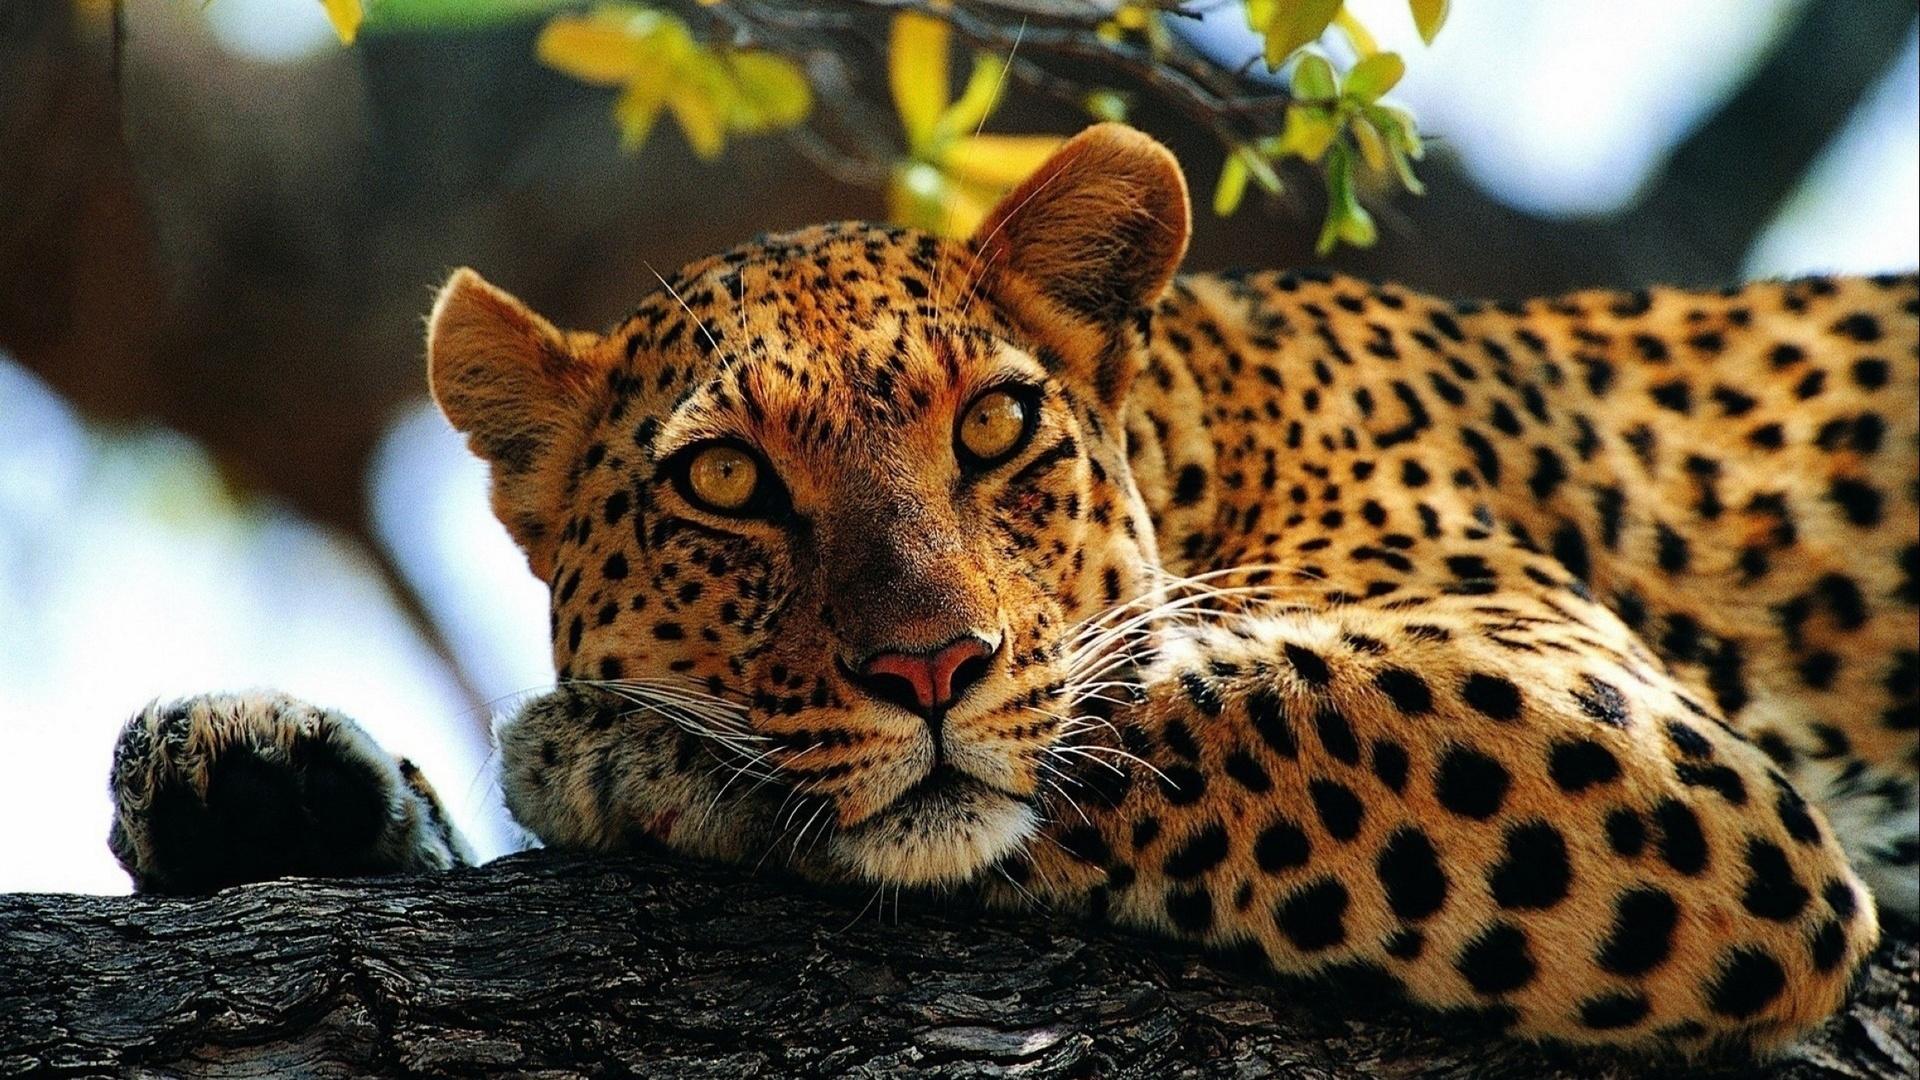 Картинка с леопардом который можно, любовью